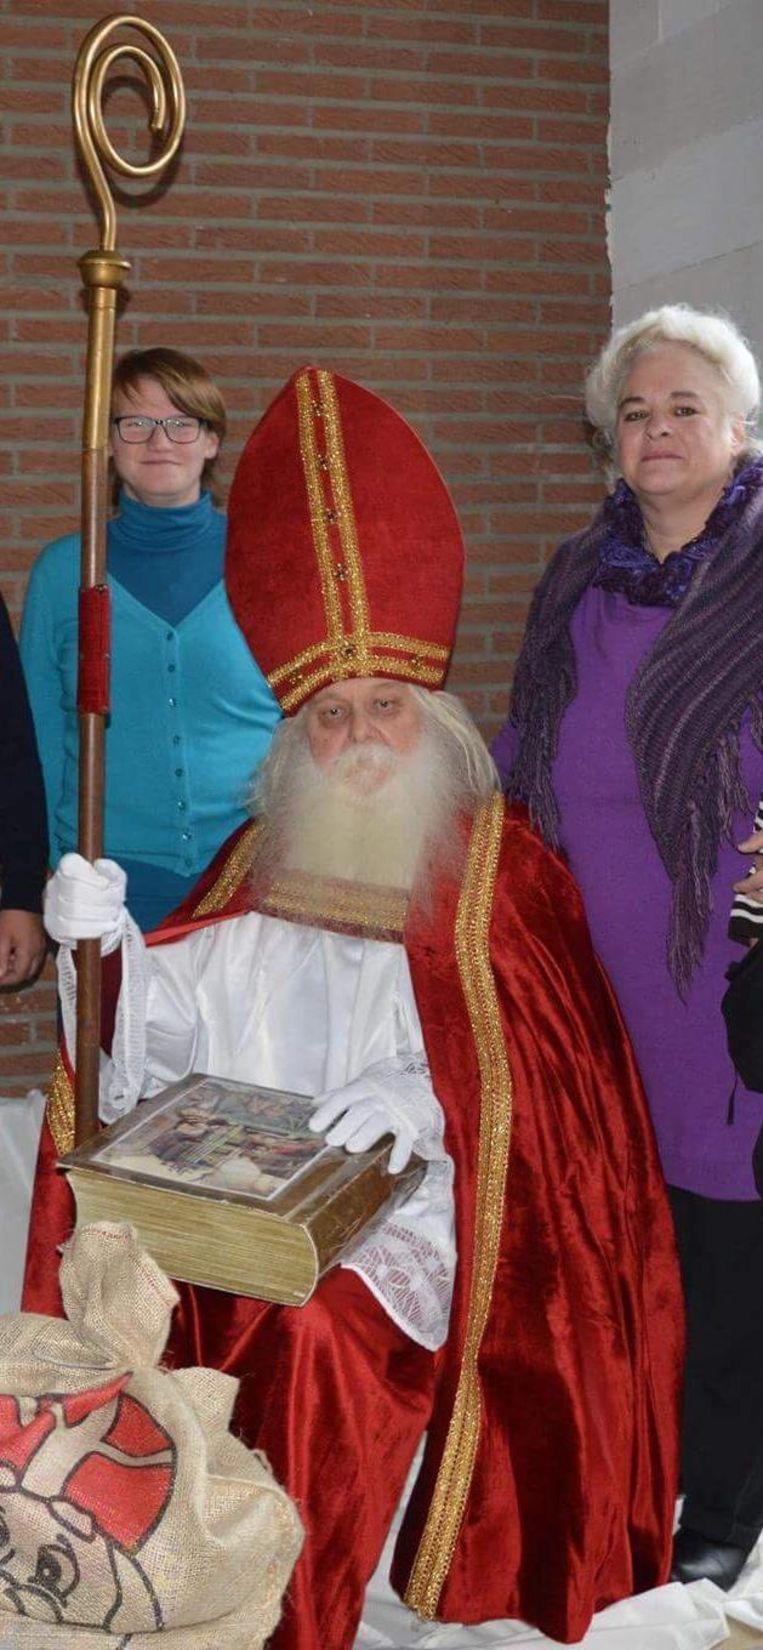 Hulpsint Herman Janssens, met rechts van hem zijn vrouw Hildegarde.